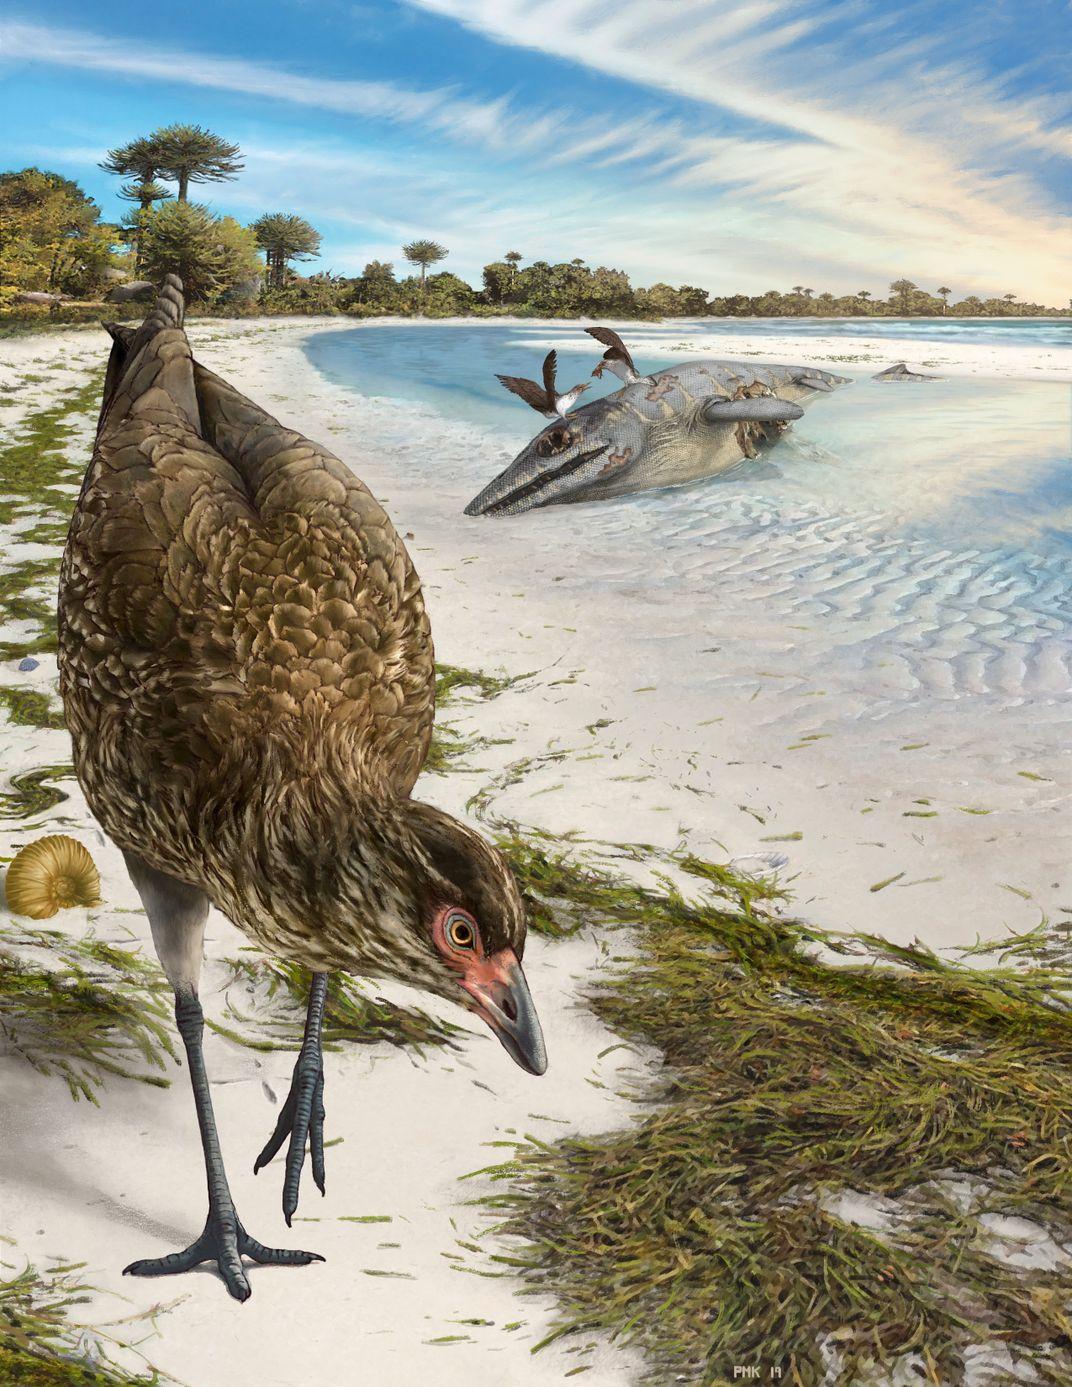 At 67 Million Years Old, Oldest Modern Bird Ever Found Is Natural 'Turducken'